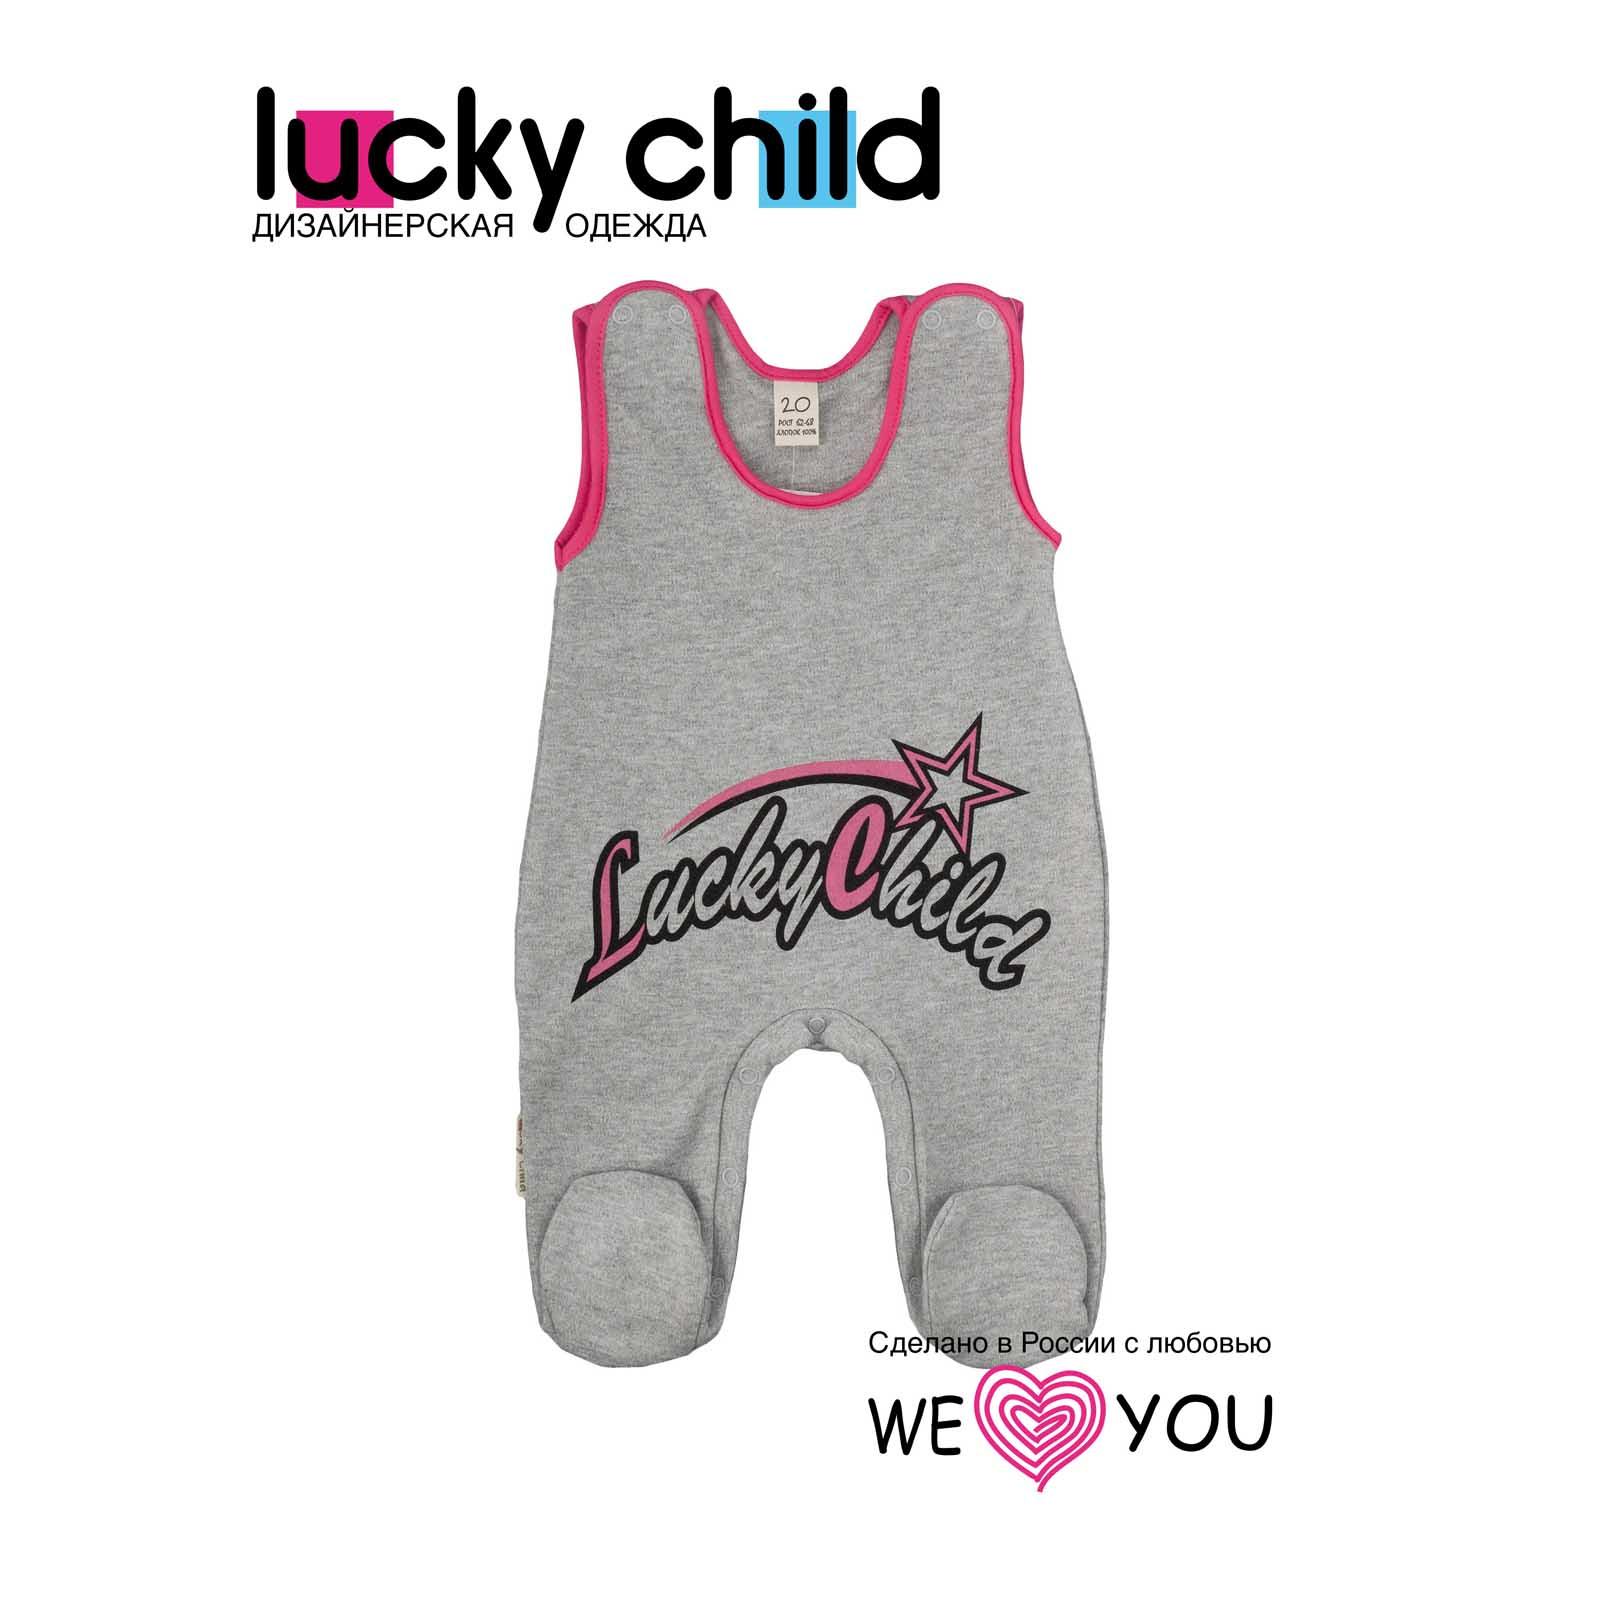 Ползунки высокие Lucky Child Лаки Чайлд  коллекция Спортивная линия,  для девочки серые с принтом размер 62<br>